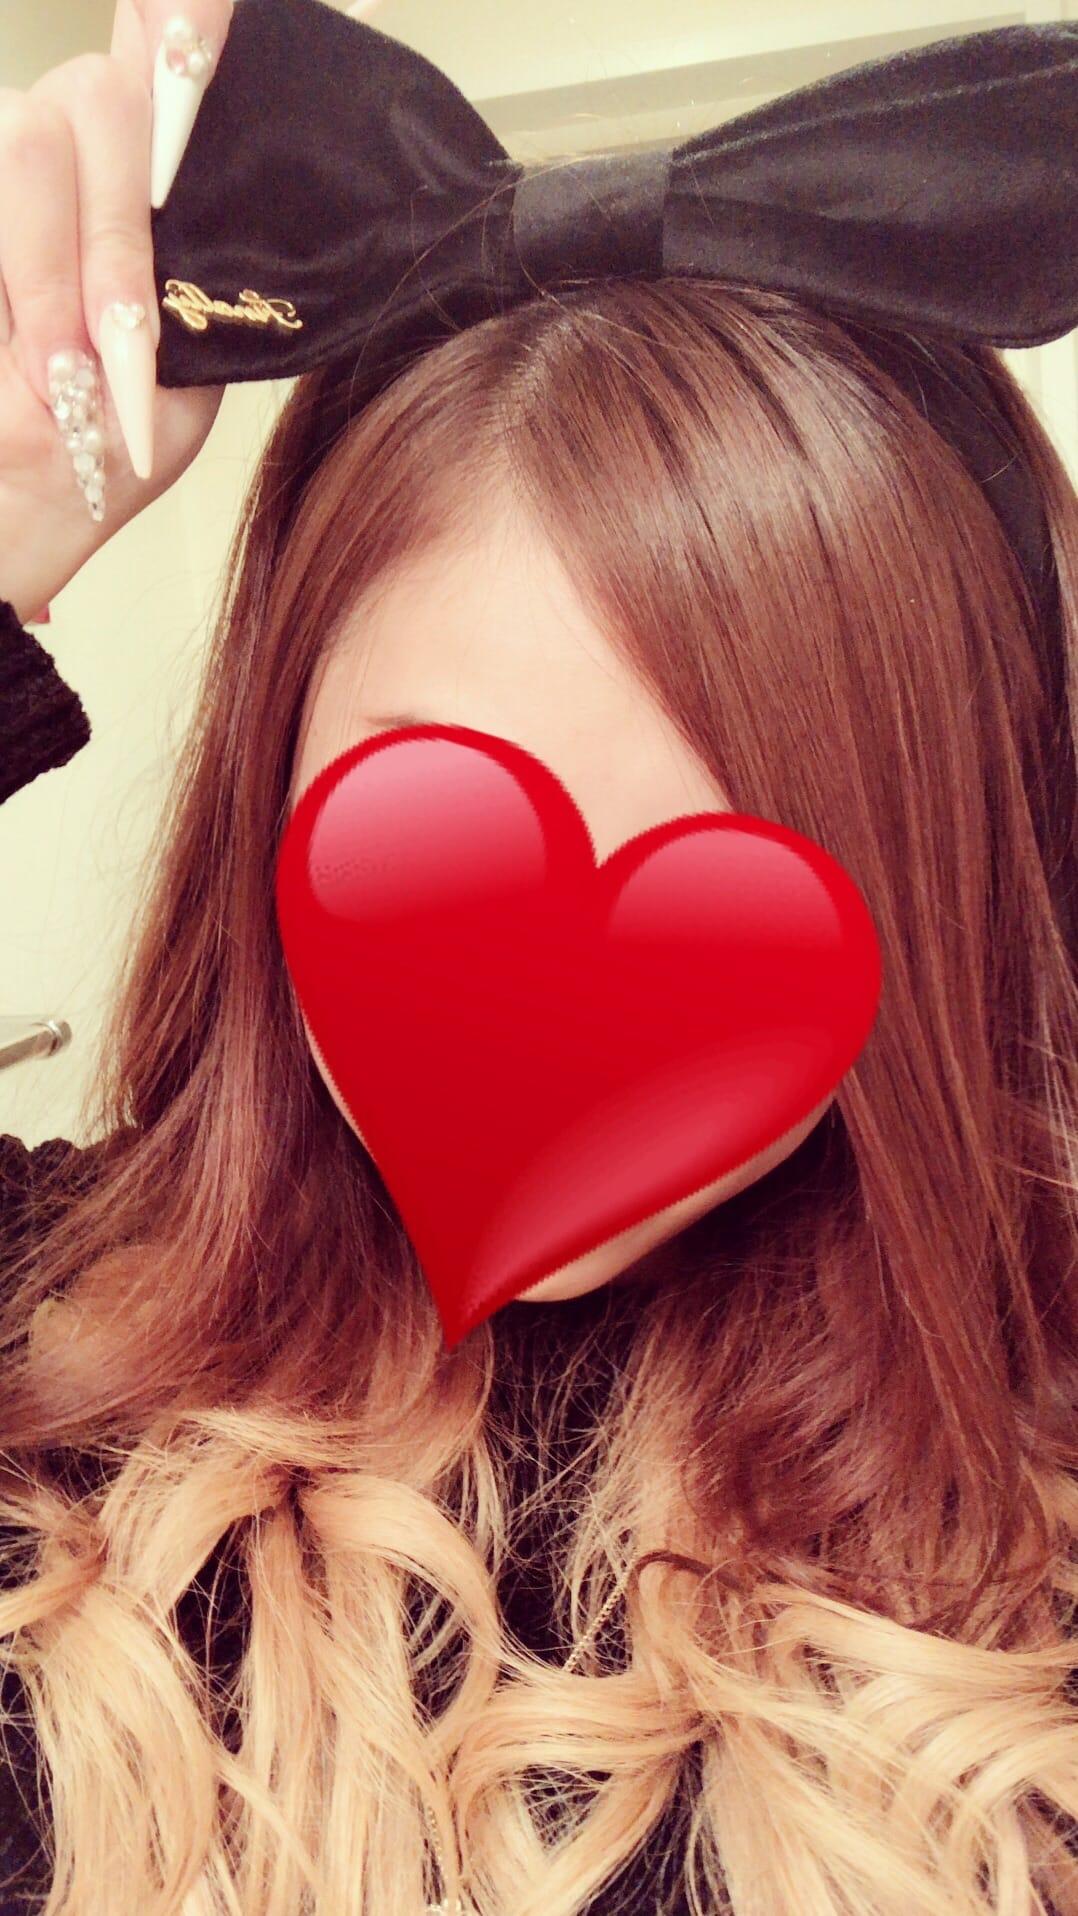 かよ「☆ありがとうございます☆」03/25(日) 03:34   かよの写メ・風俗動画